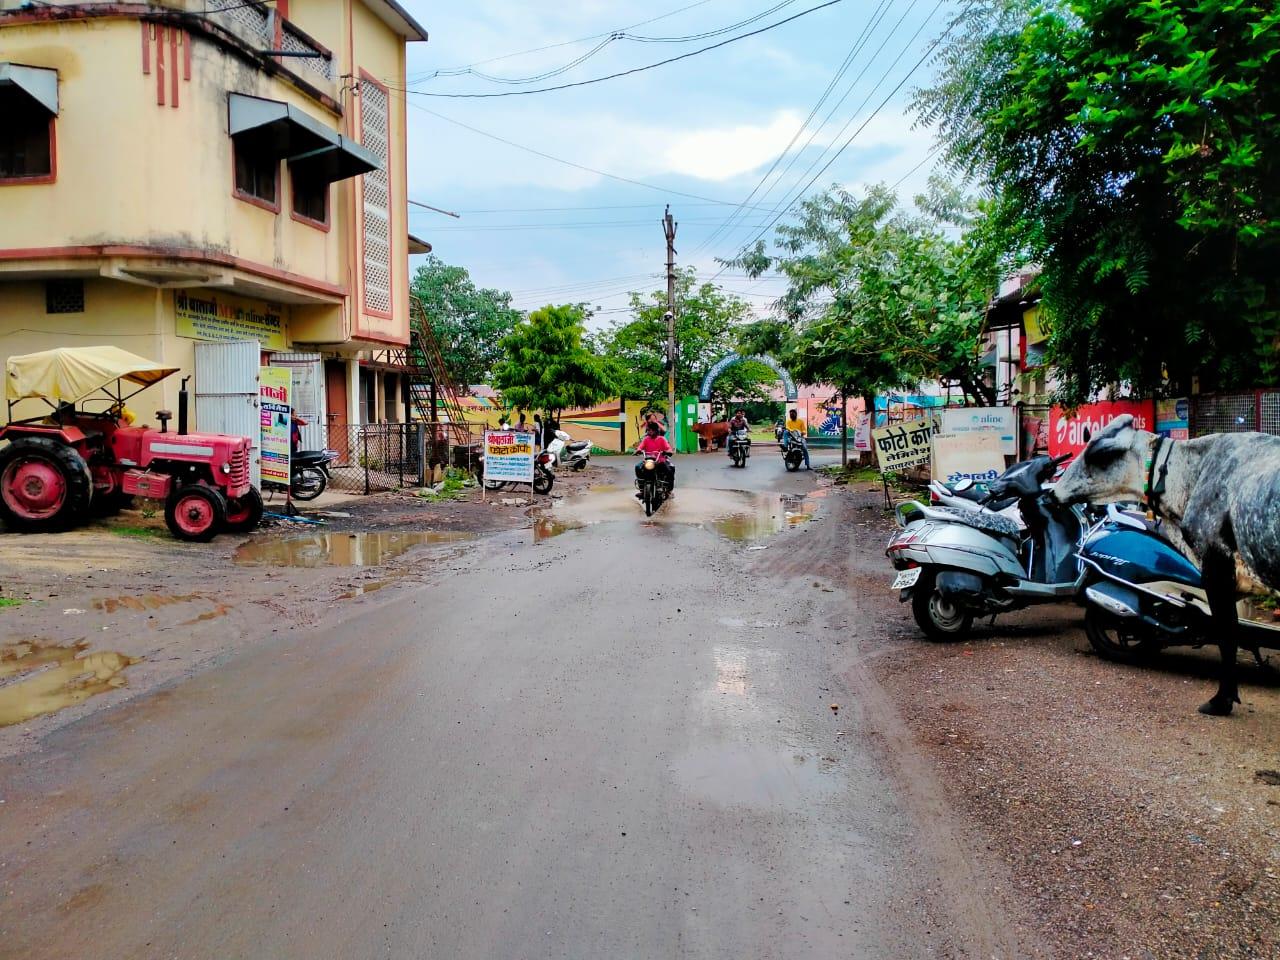 खंडवा में रिमझिम बरसात, जीडीसी कॉलेज गेट। - Dainik Bhaskar